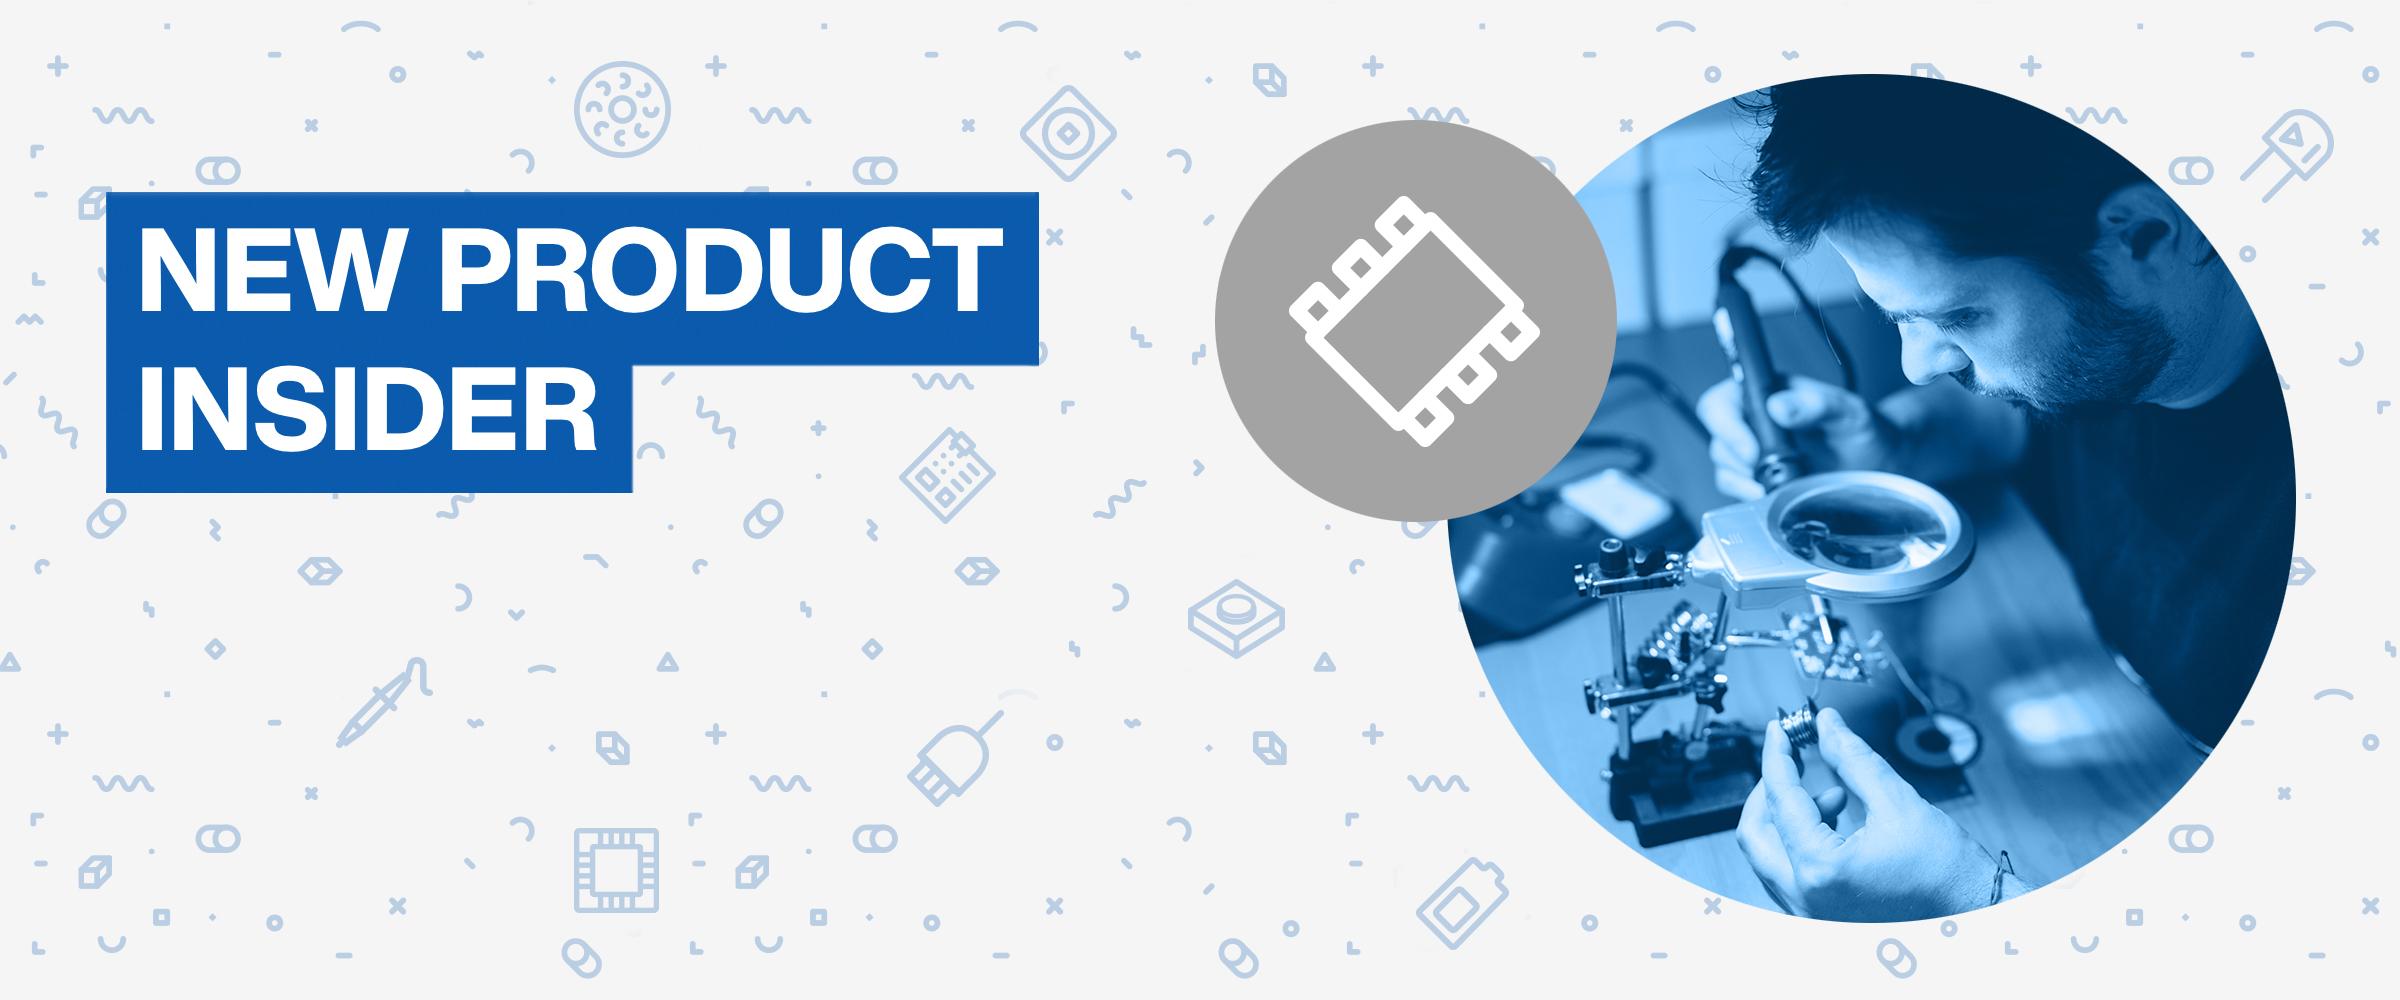 贸泽电子新品推荐:2020年8月率先引入新品的全球分销商